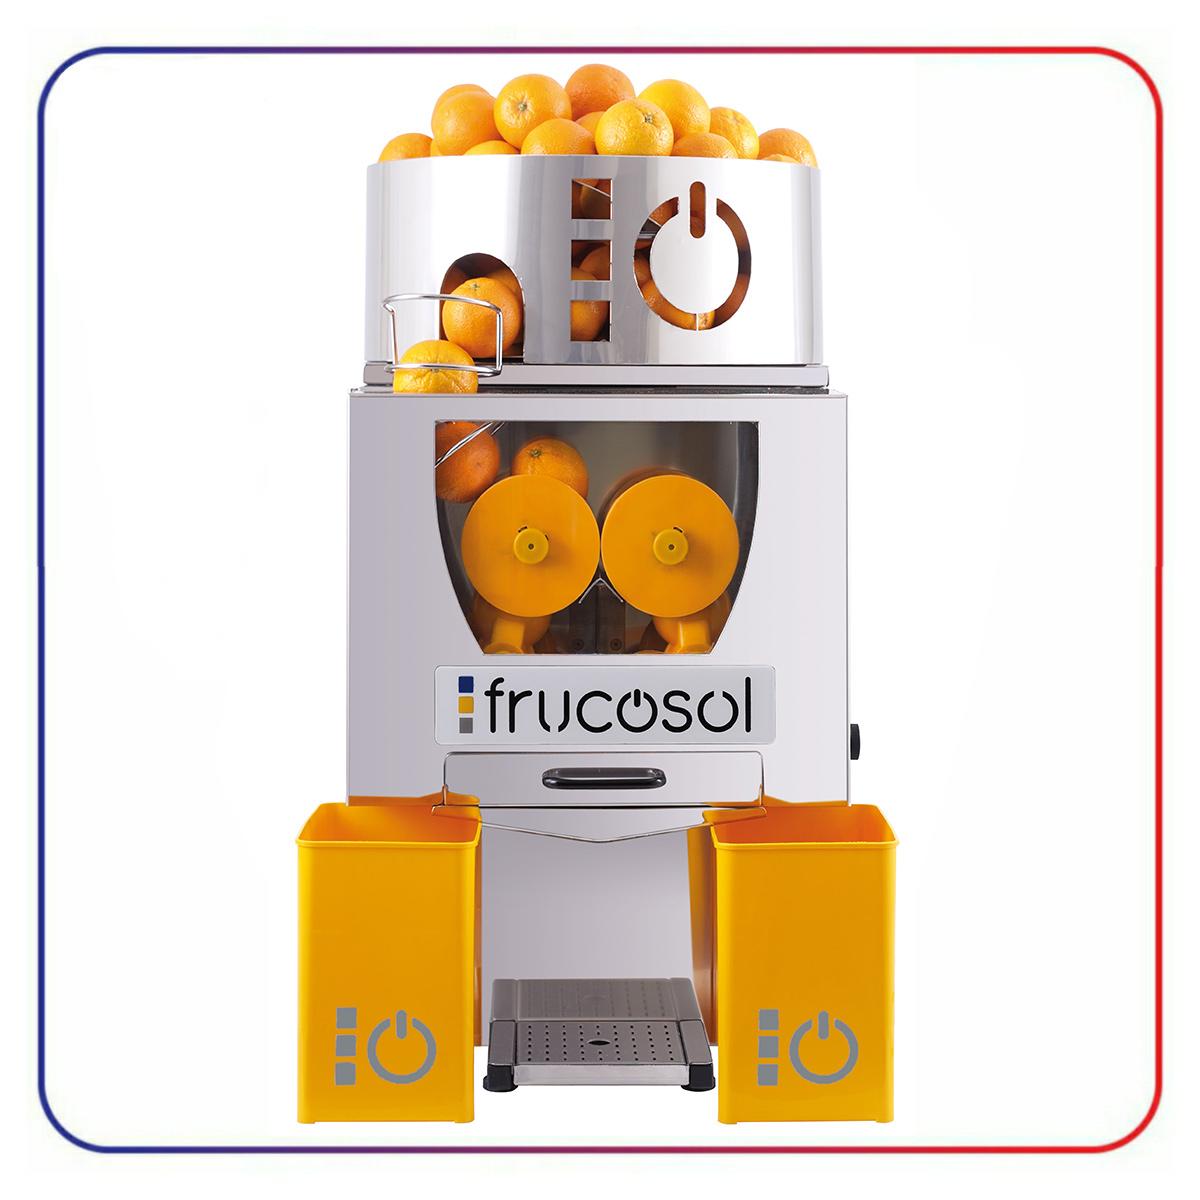 آب پرتقال گیر فروکوسل FRUCOSOL F 50-A